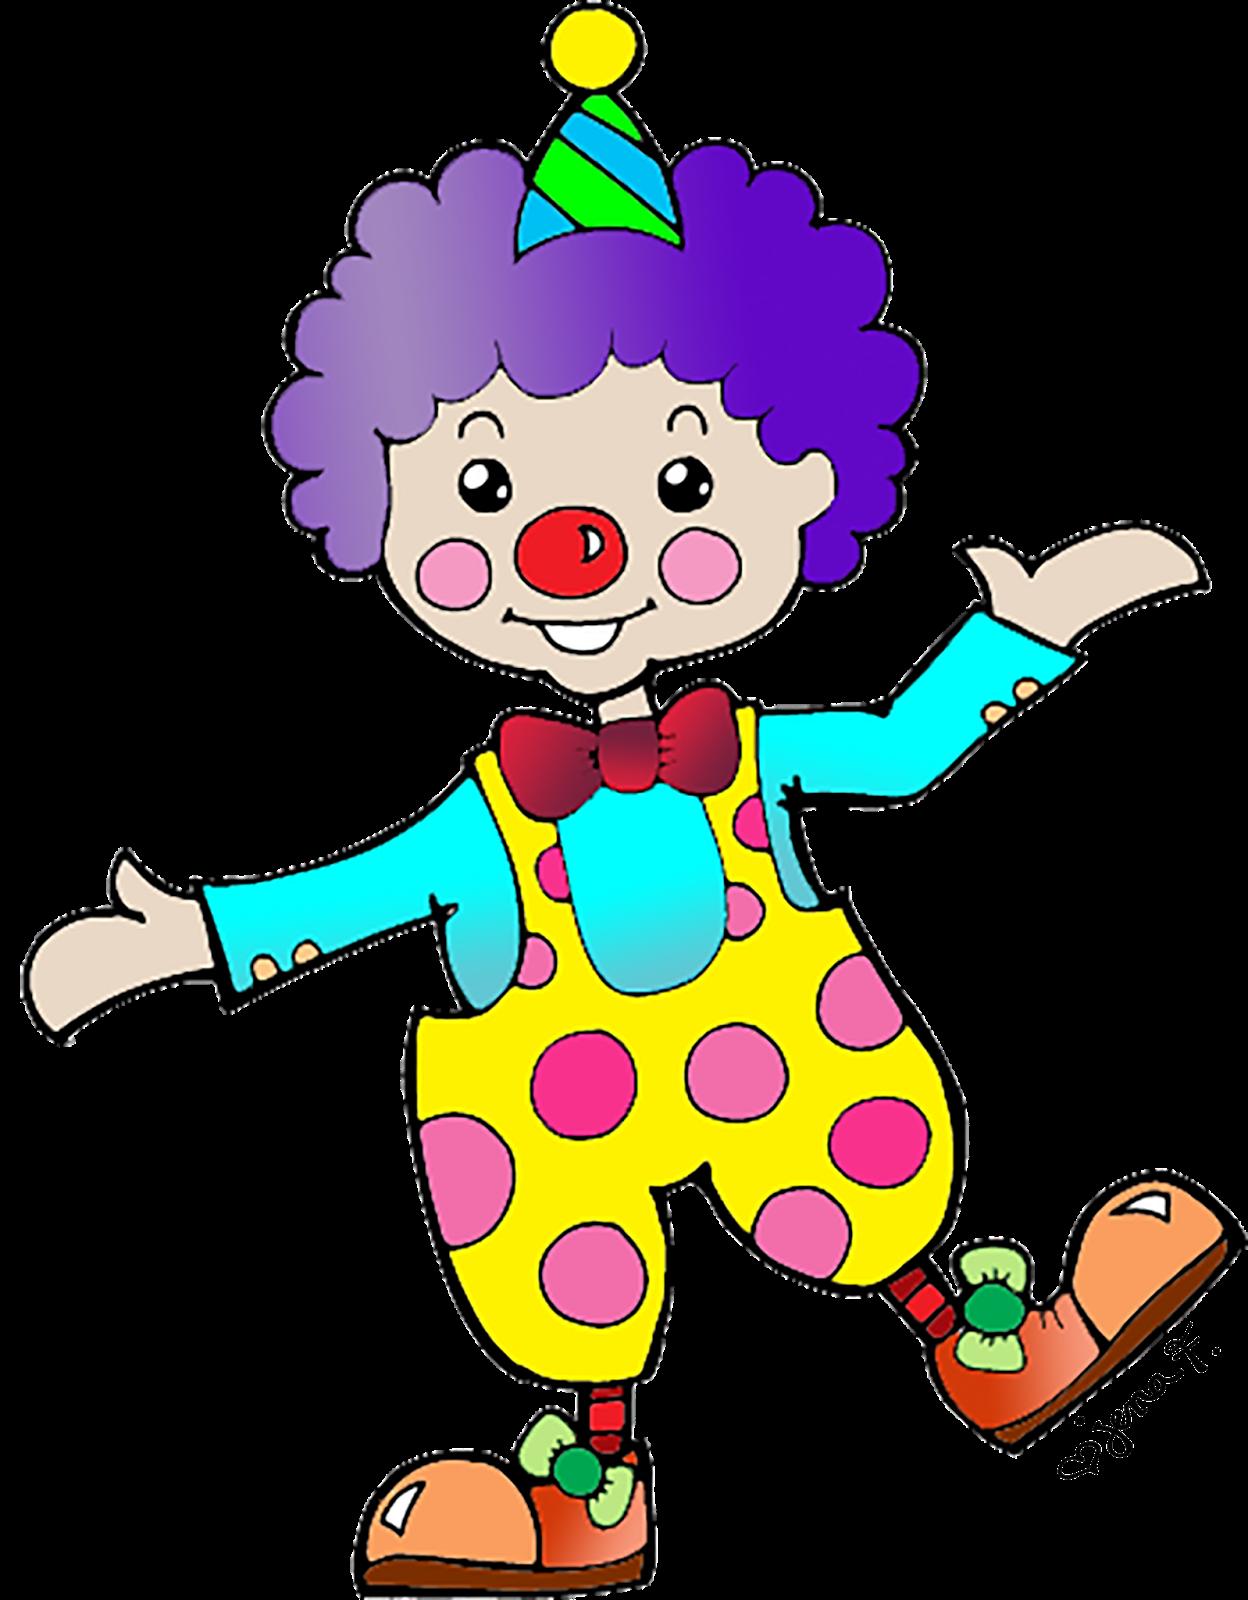 Happy Clown Clipart #1 - Clown Clipart